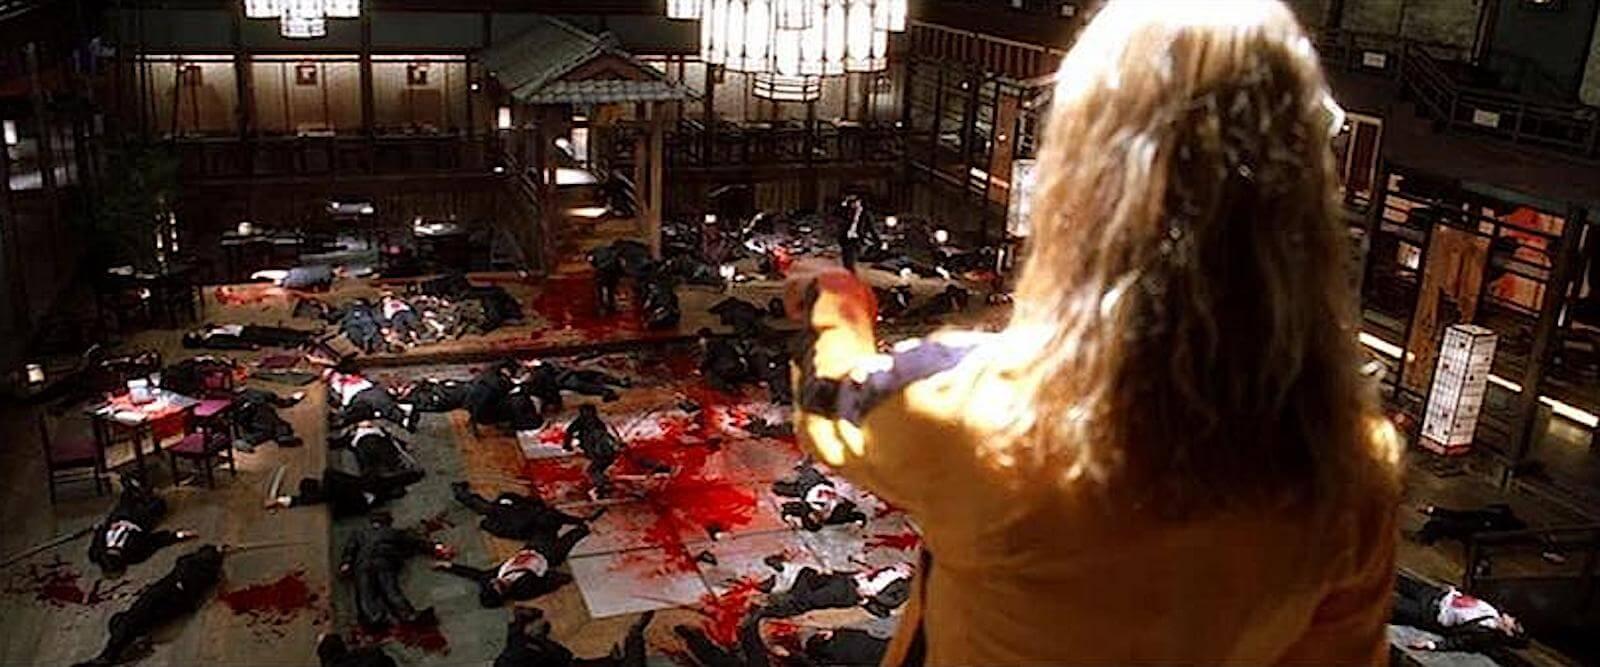 DIY Fake Blood Recipe - Kill Bill - Bloodbath